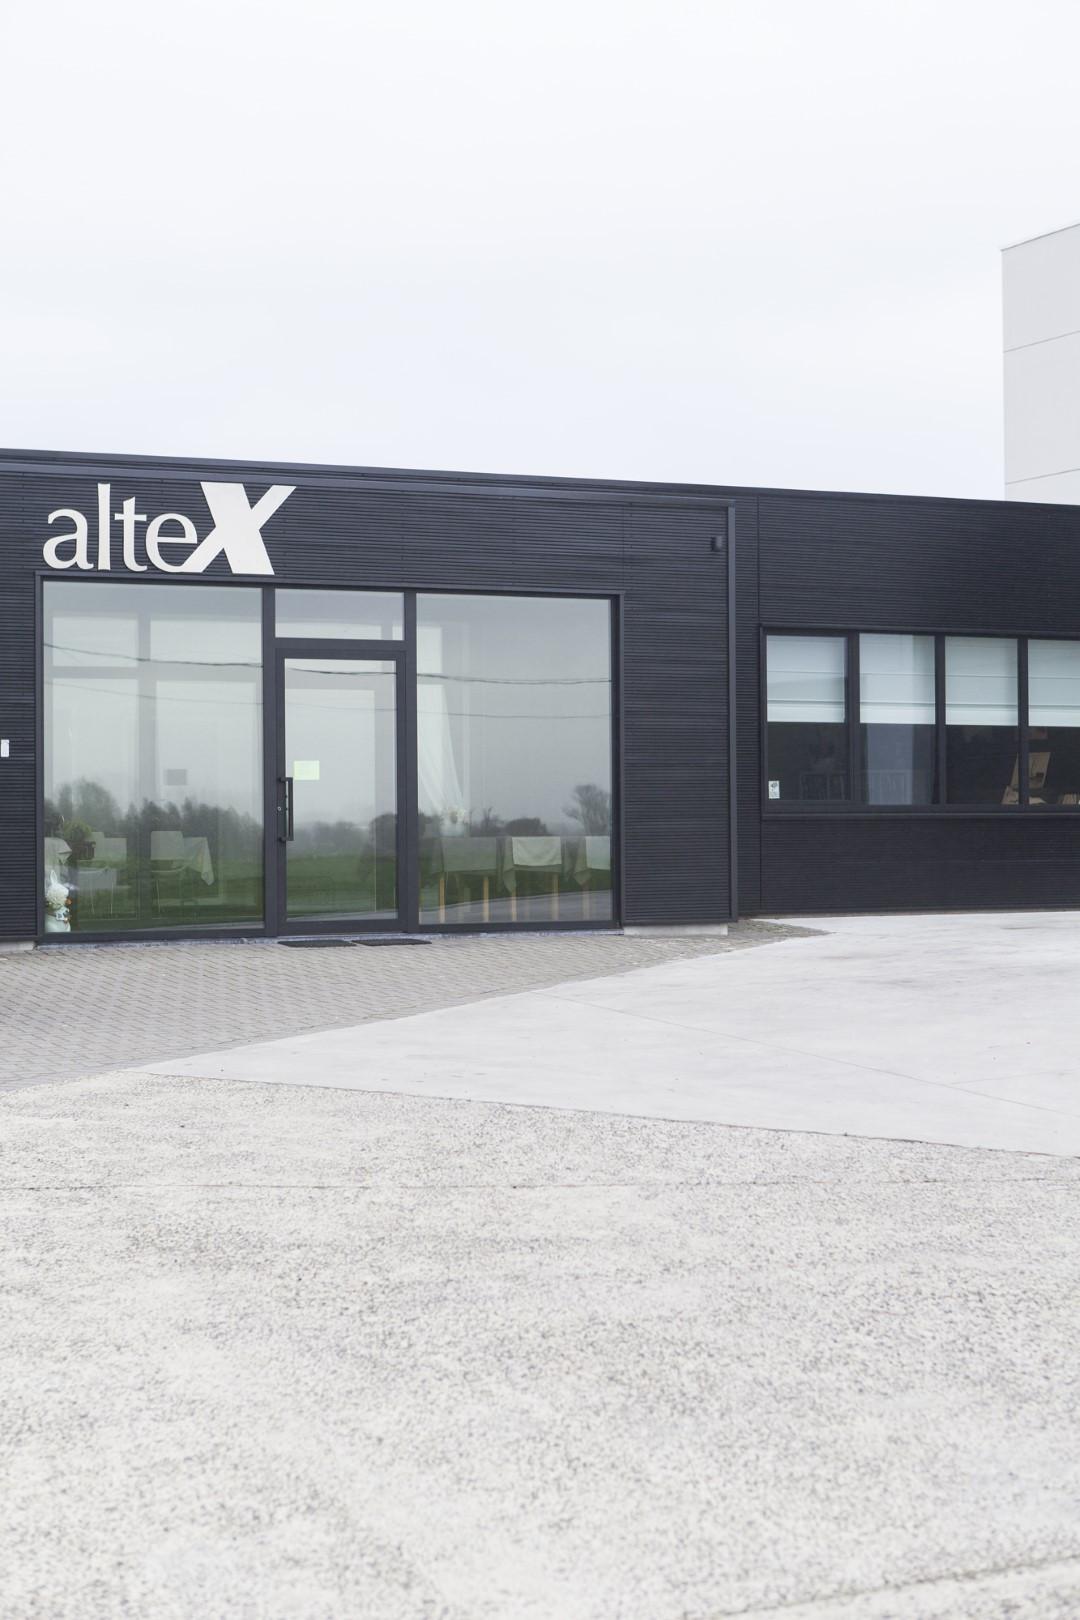 Altex_Sint Eloois Winkel_industriegebouw_werkplaats_atelier_toonzaal_burelen_woning (7)